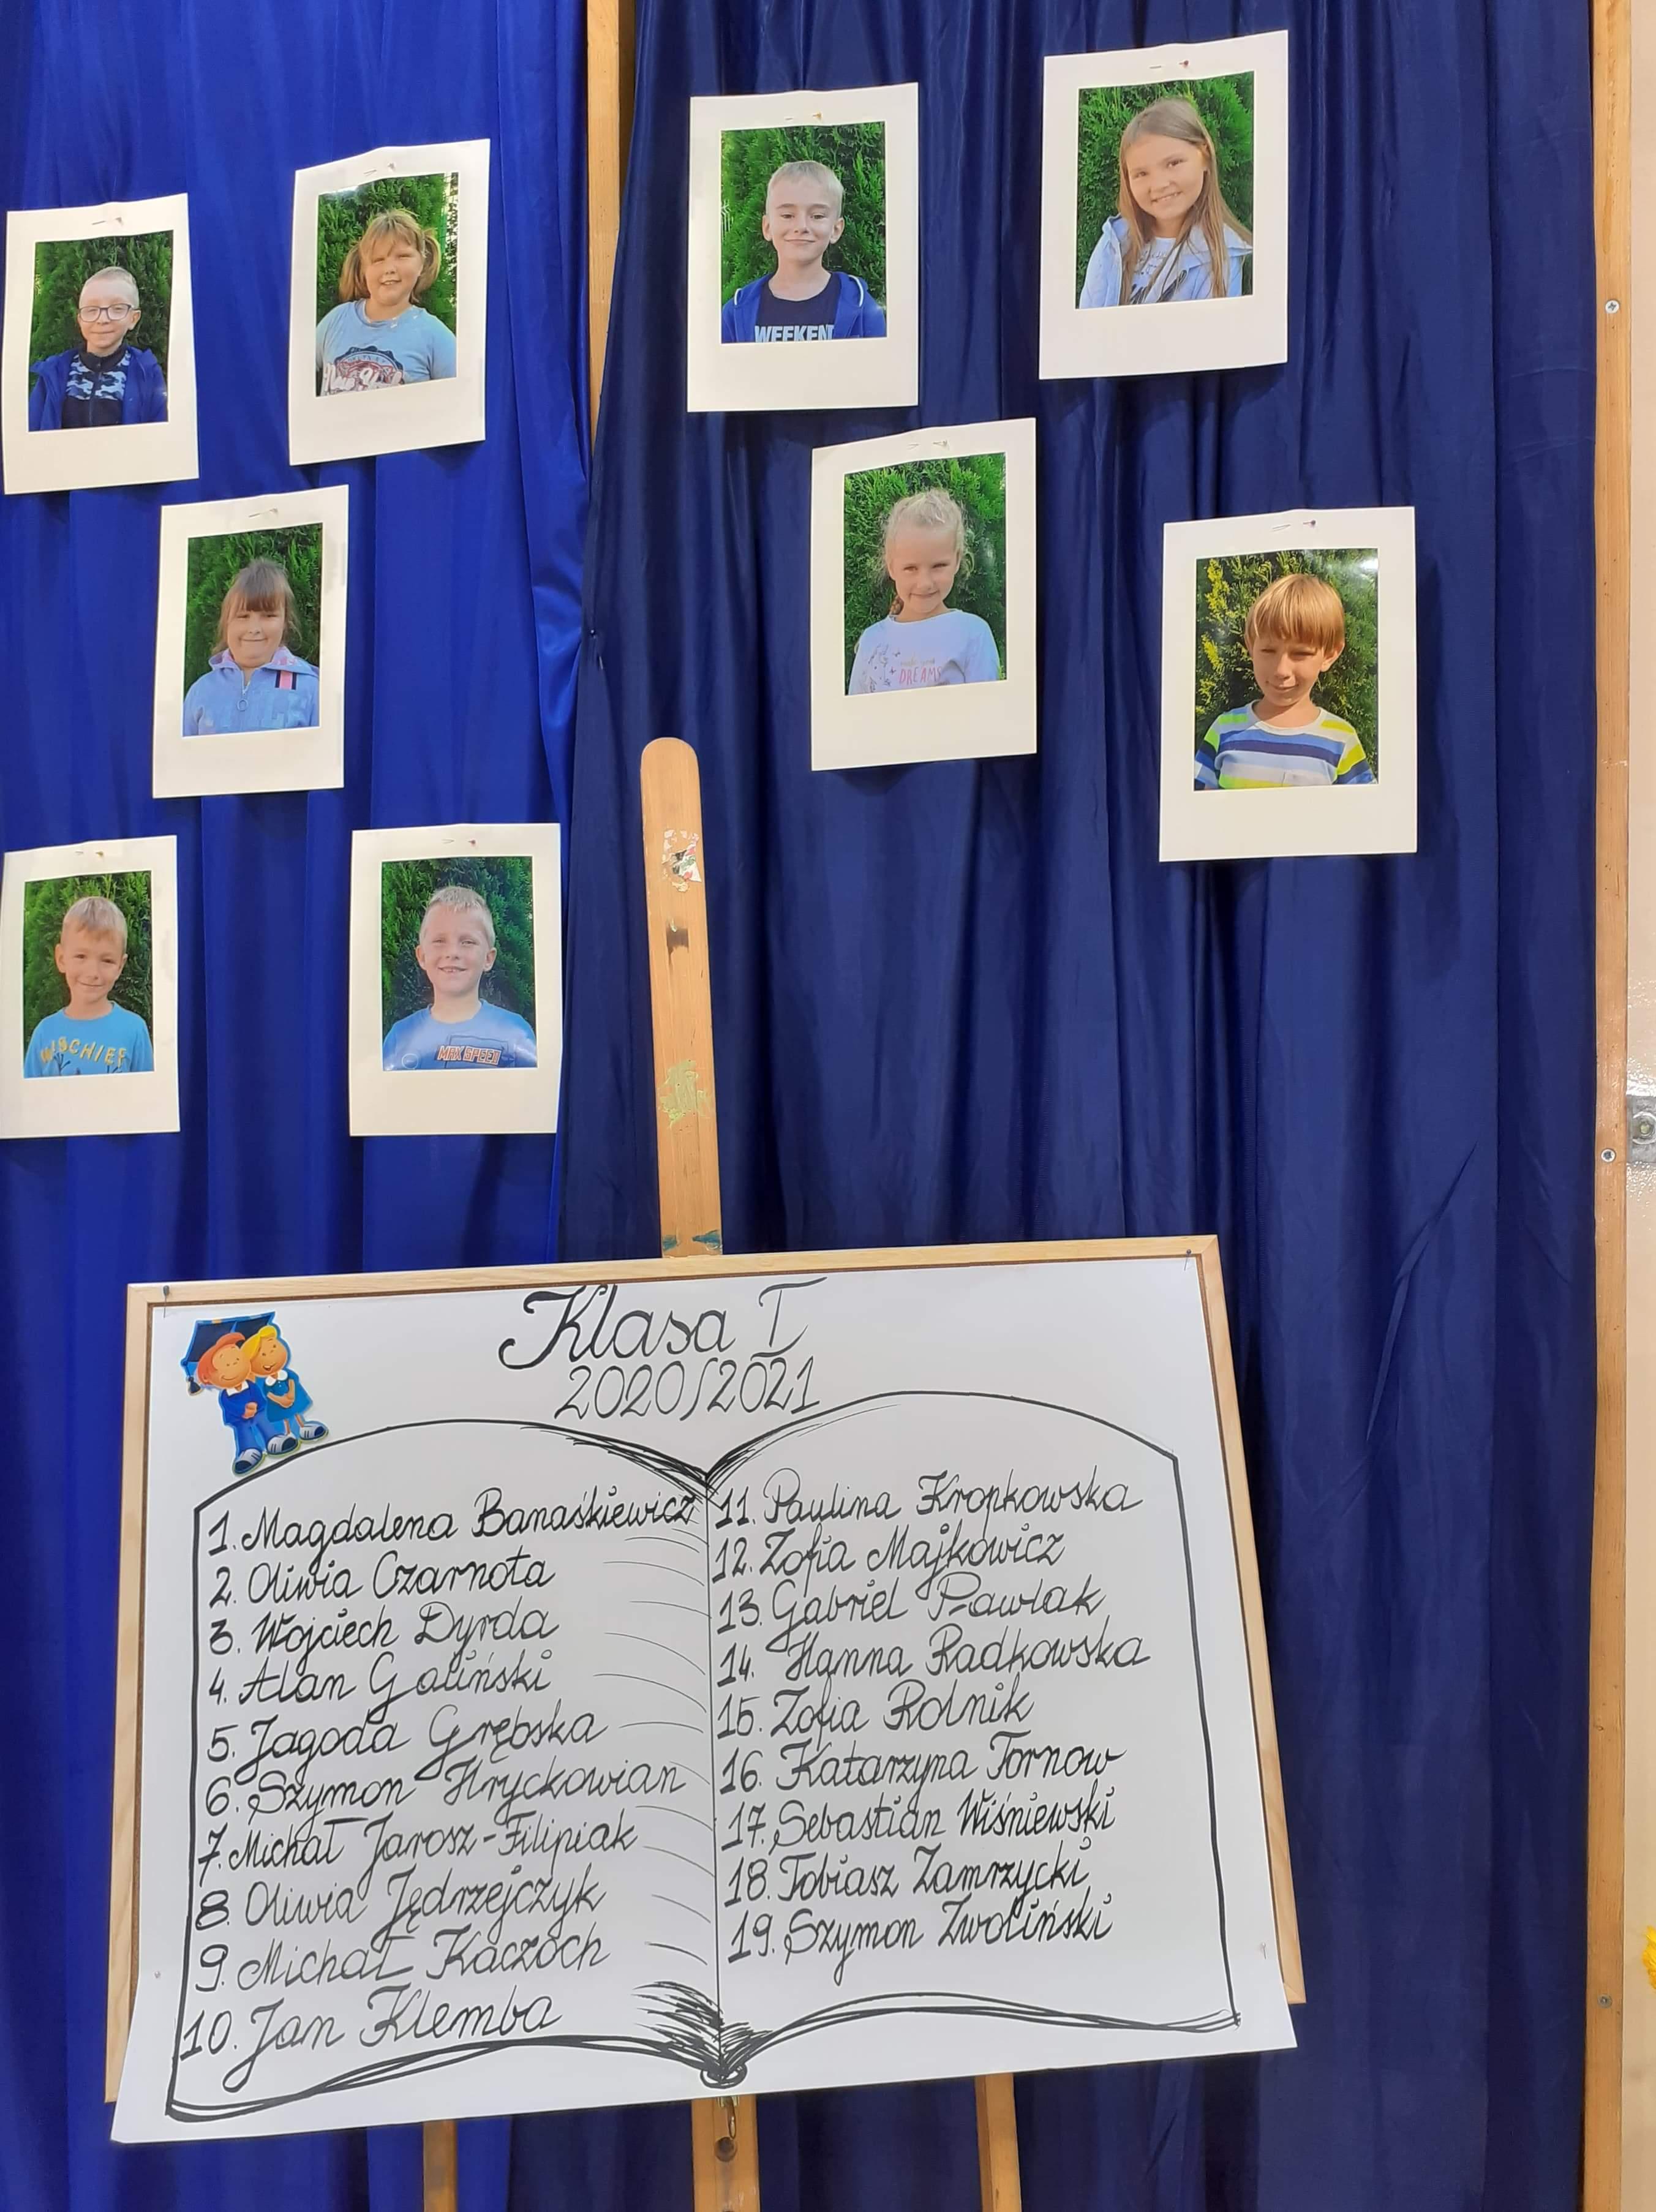 2. Tablica z listą uczniów klasy pierwszej i zdjęcia wychowanków